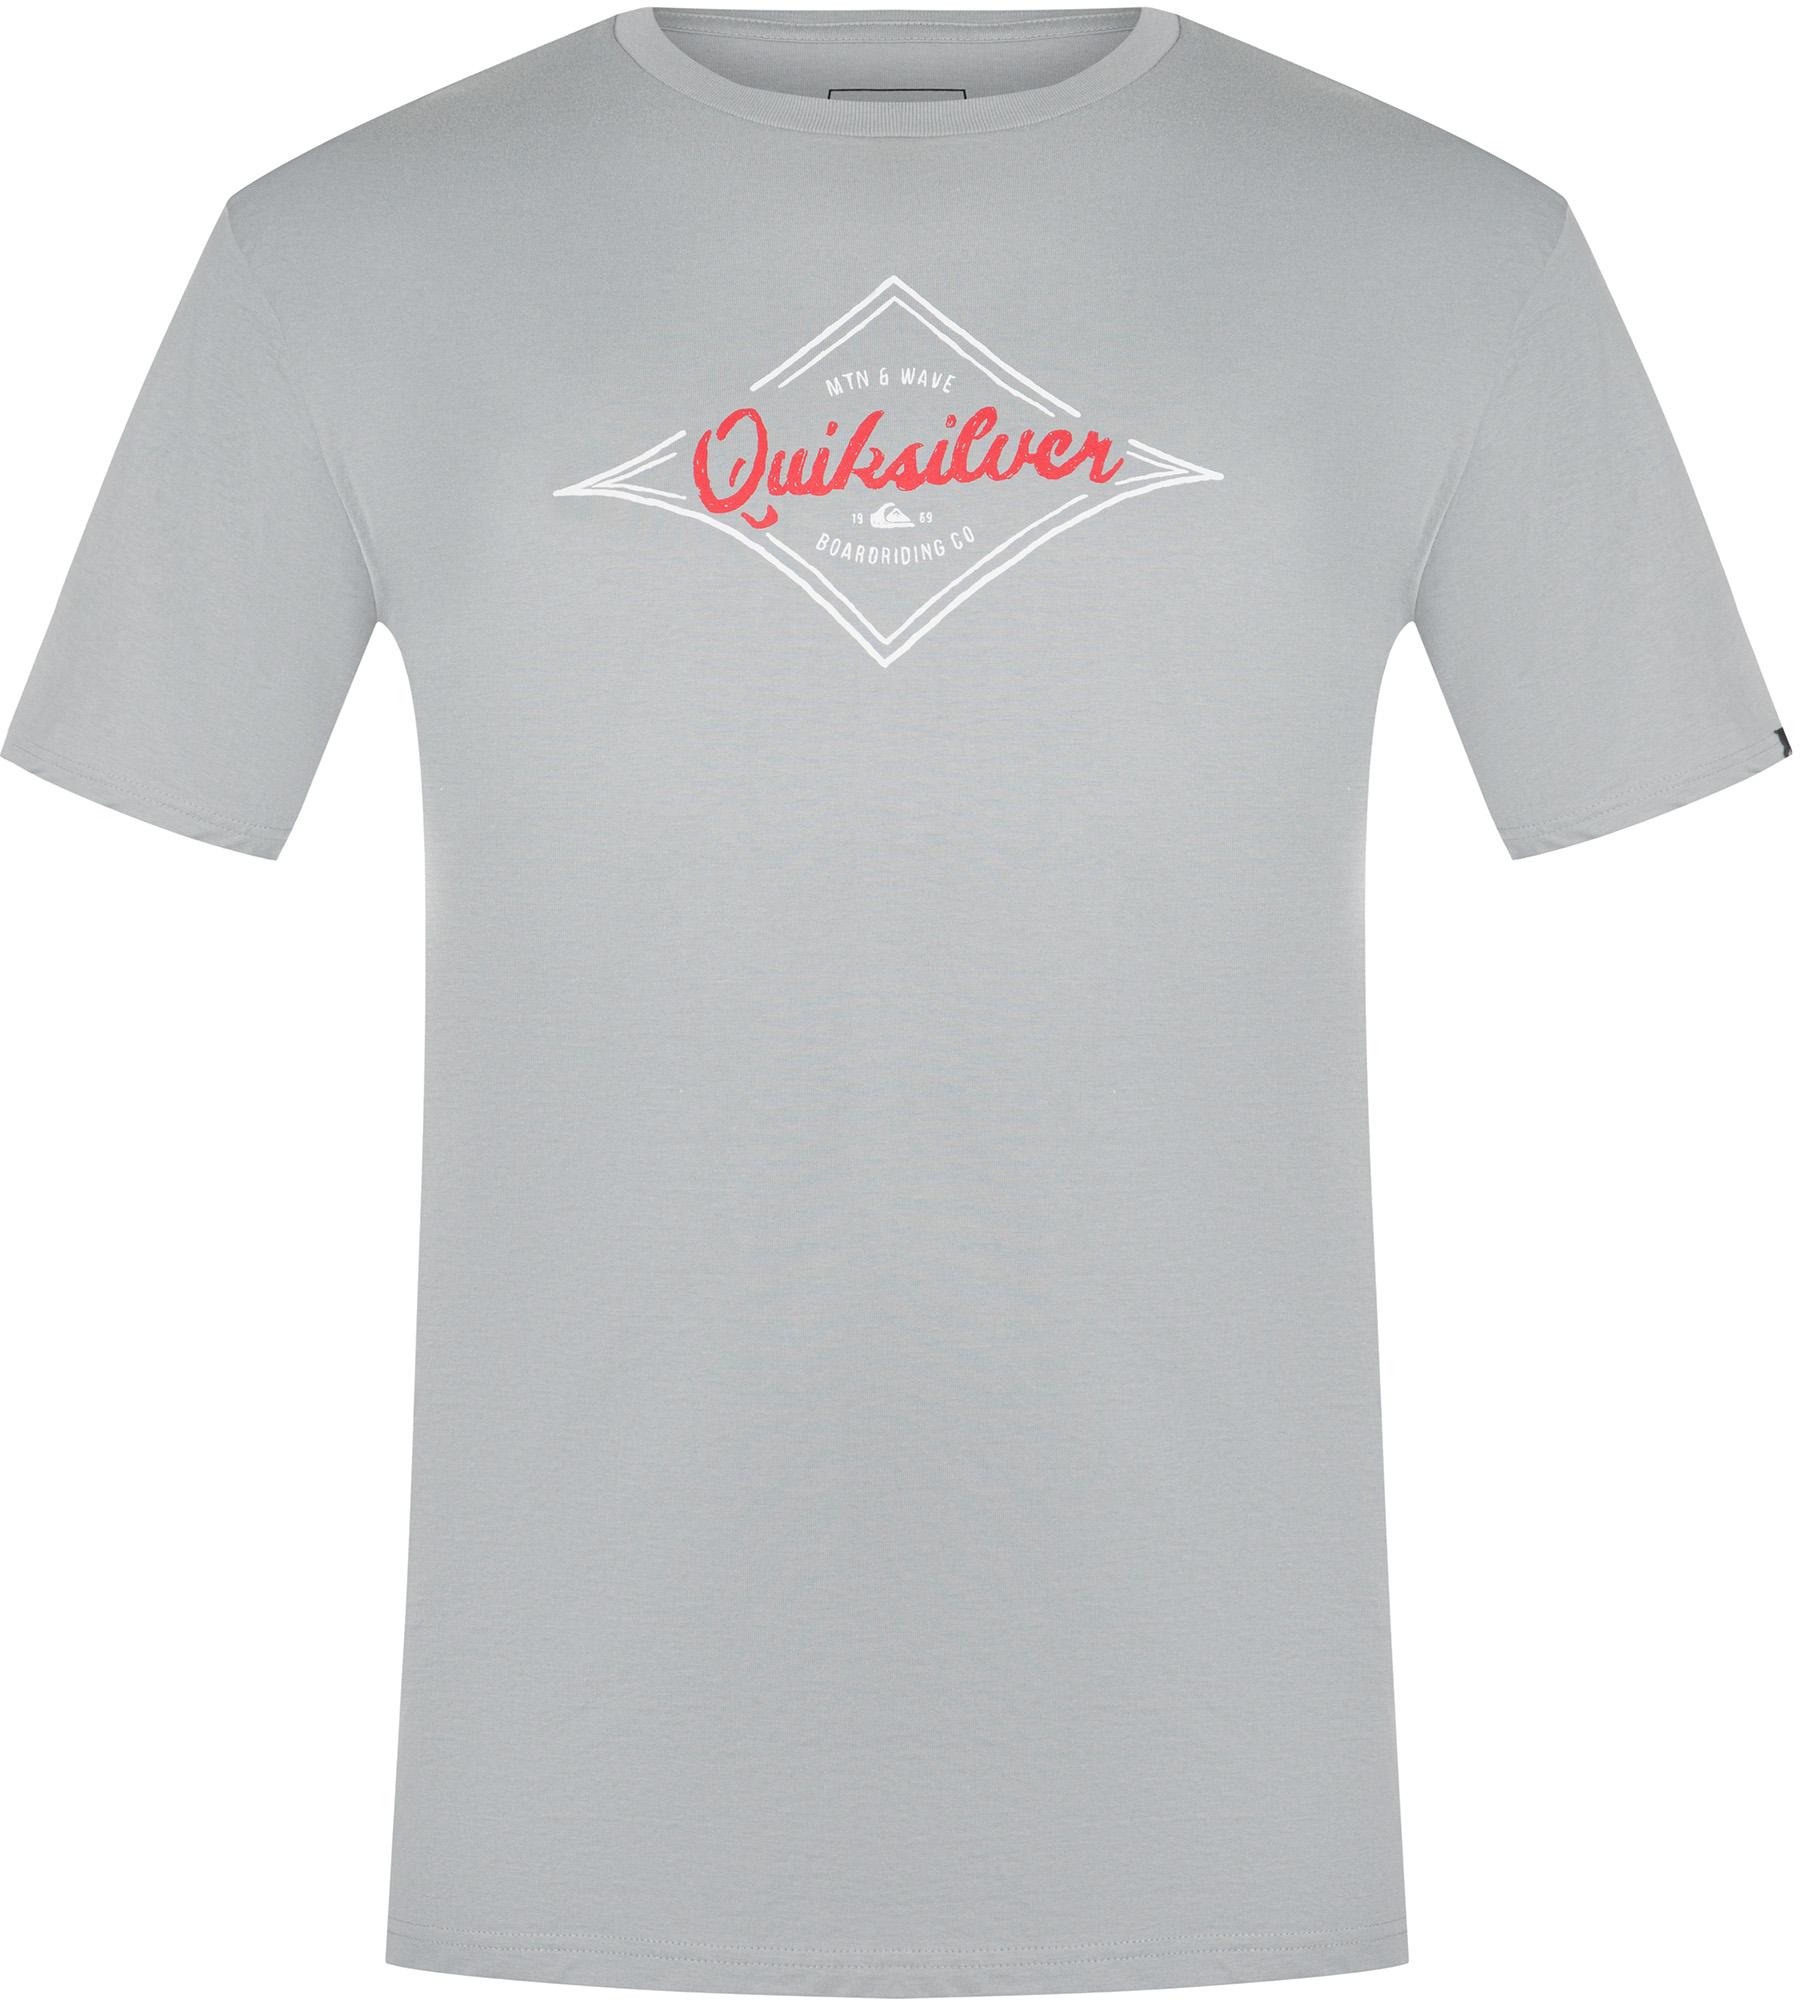 Quiksilver Футболка мужская Quiksilver Flaxton, размер 48-50